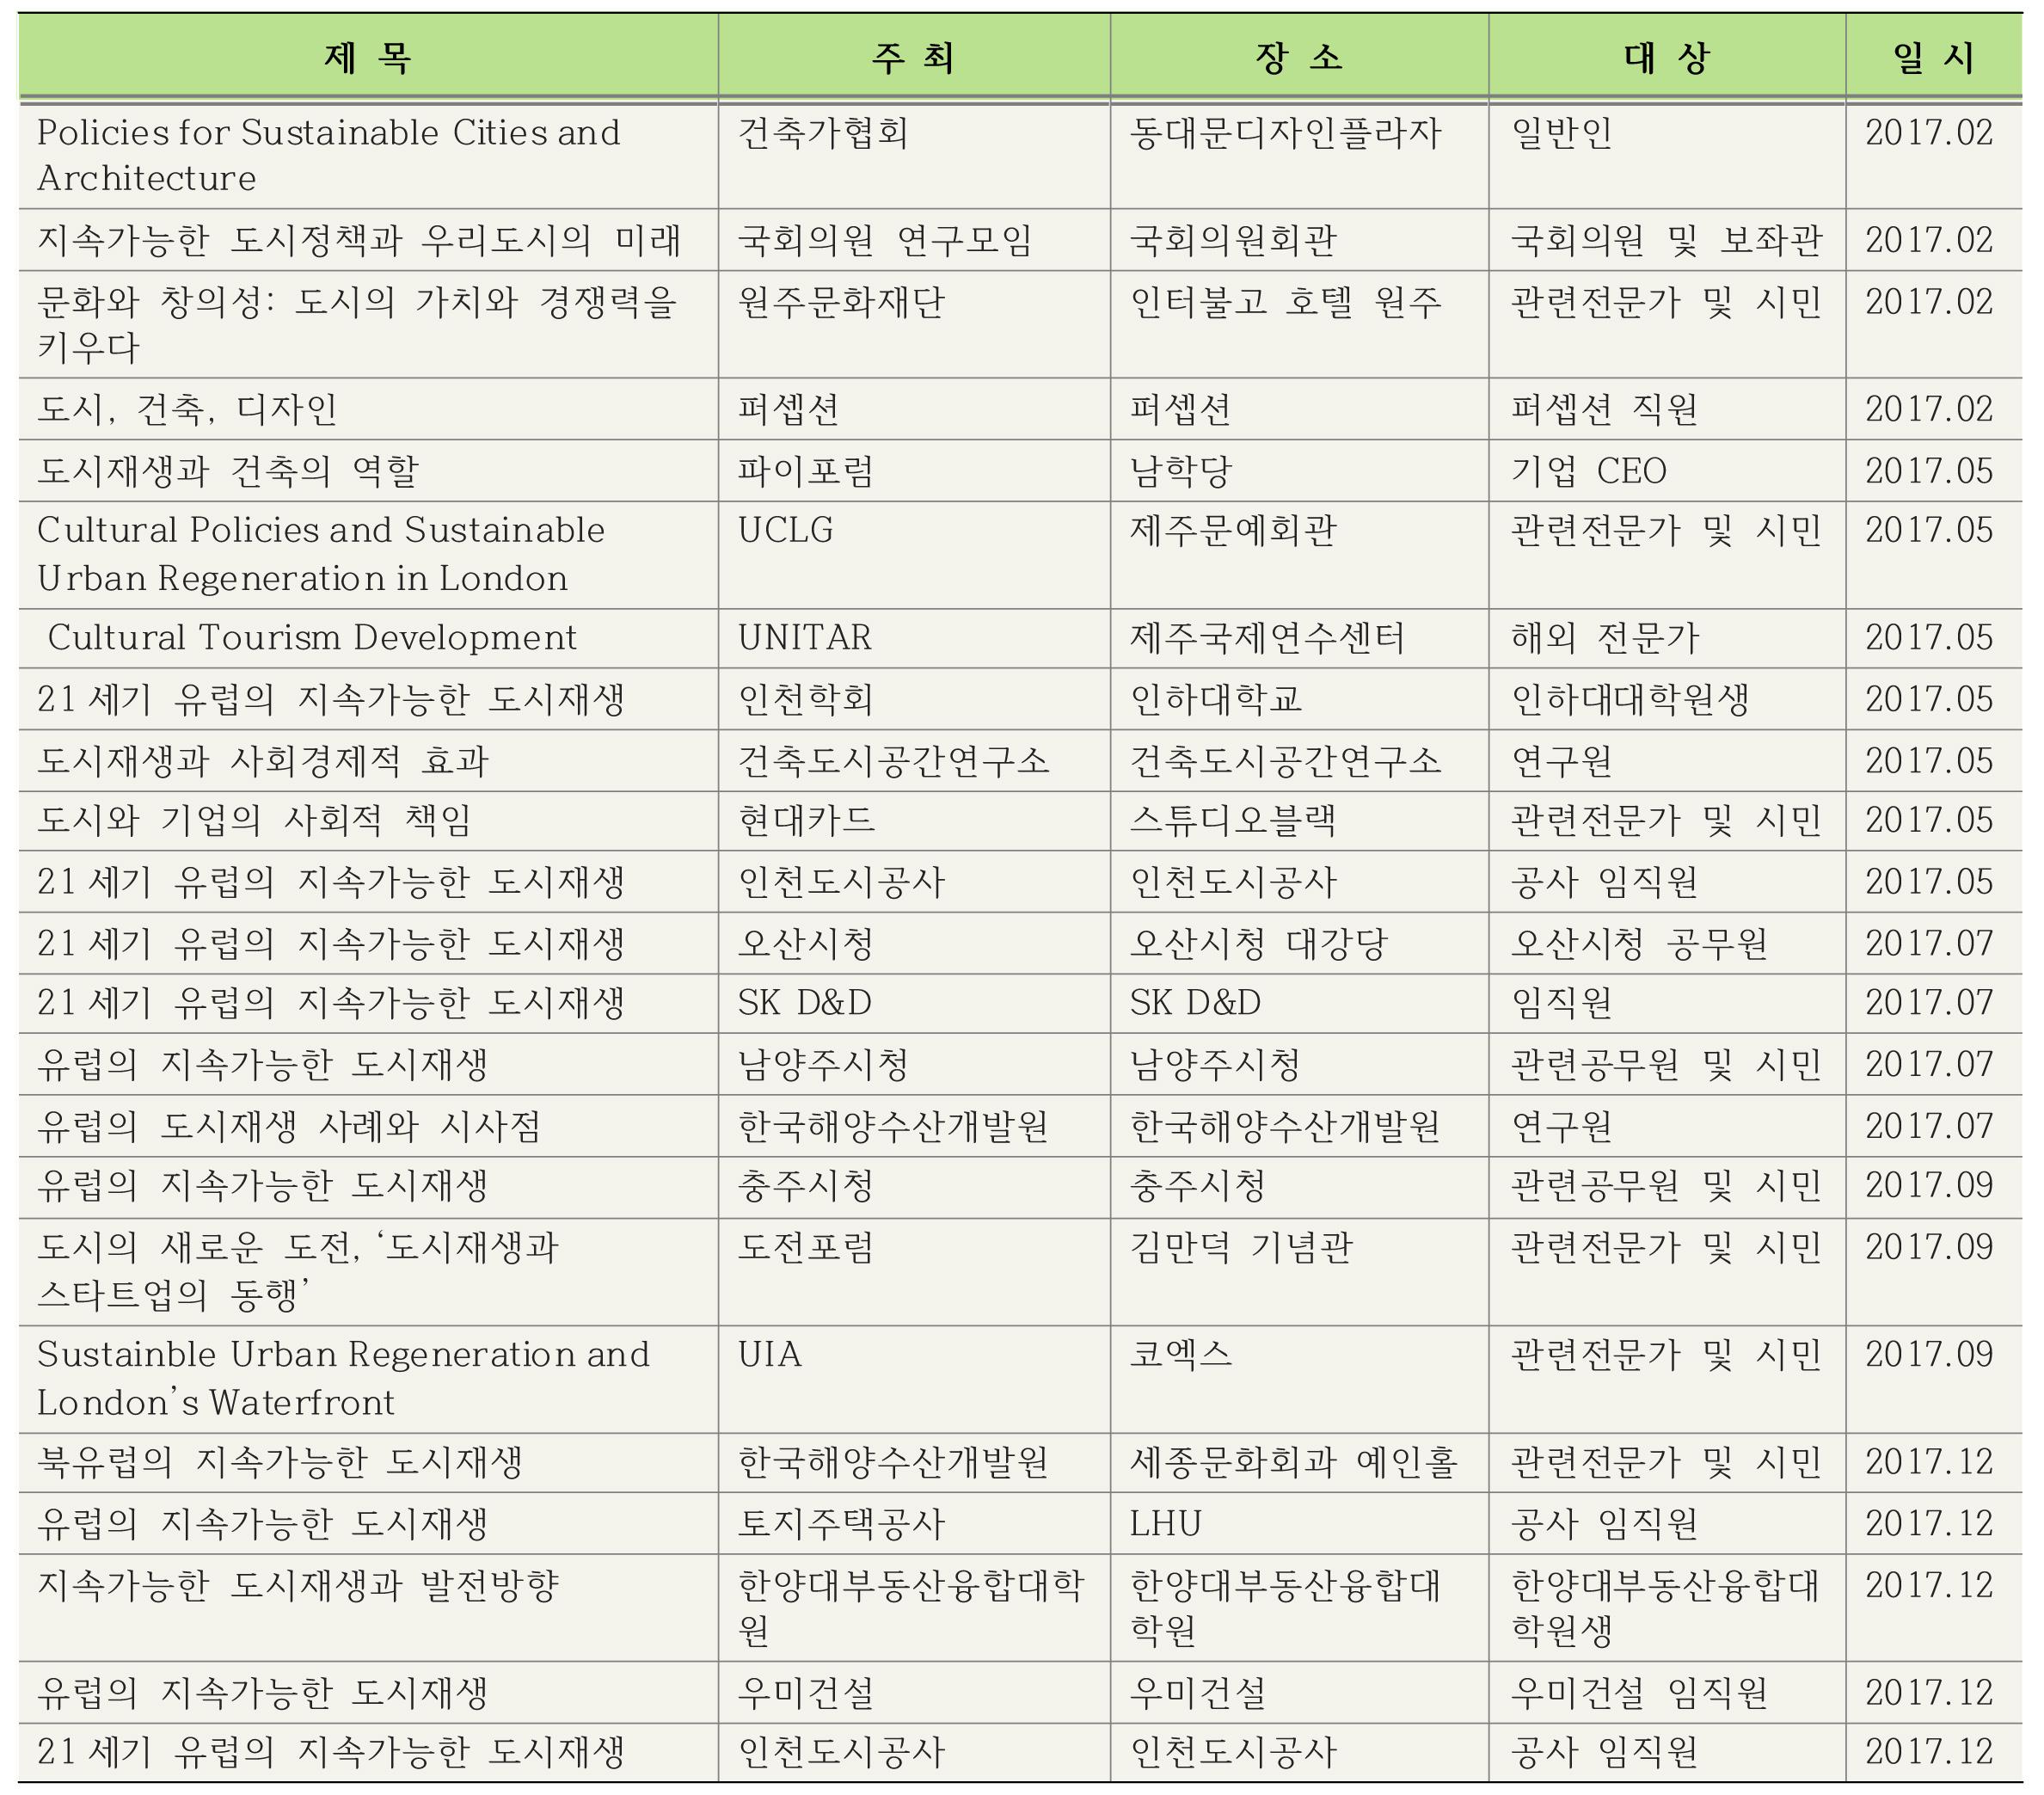 2017년 주요 강연 목록 총정리.jpg